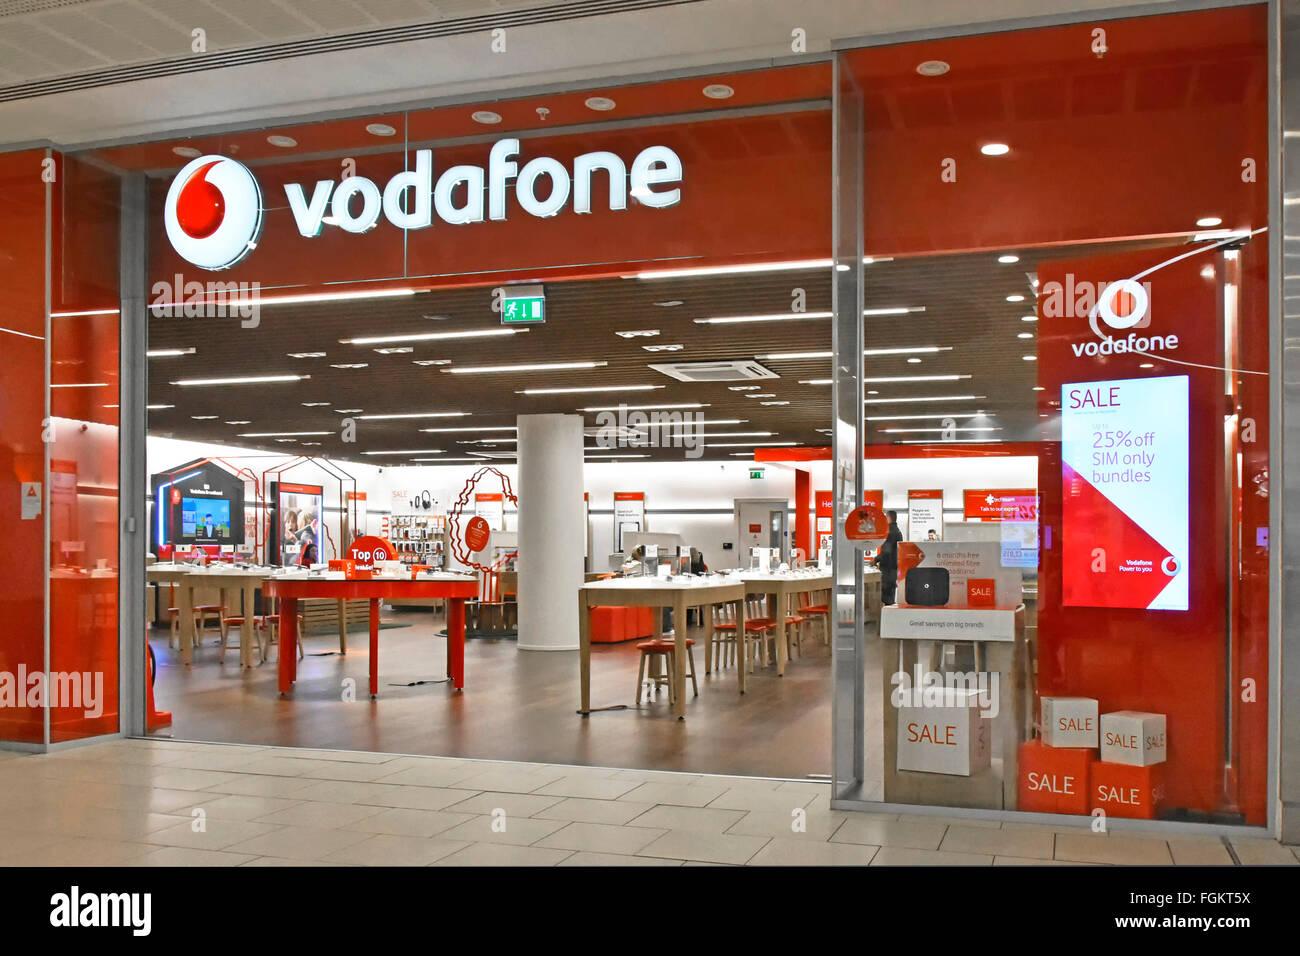 Magasin de téléphonie mobile vodafone shopfront signe avec vue sur